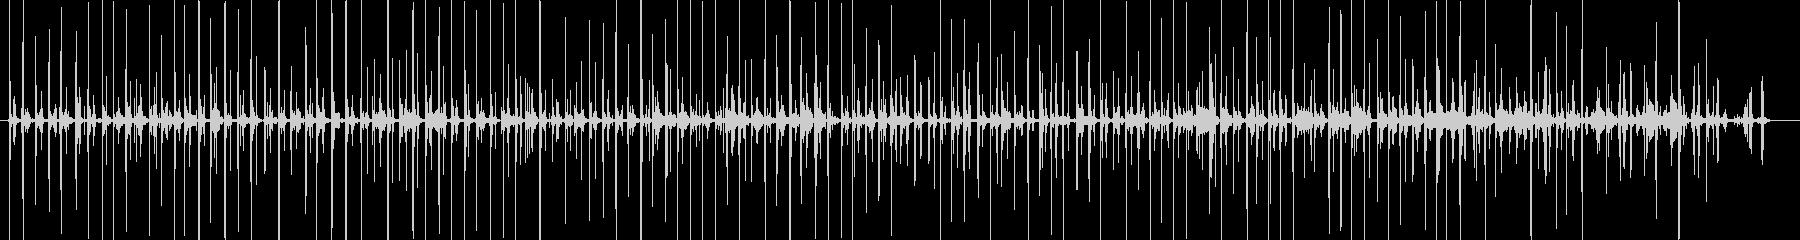 バイノーラル足音歩く2サンダル_左の未再生の波形